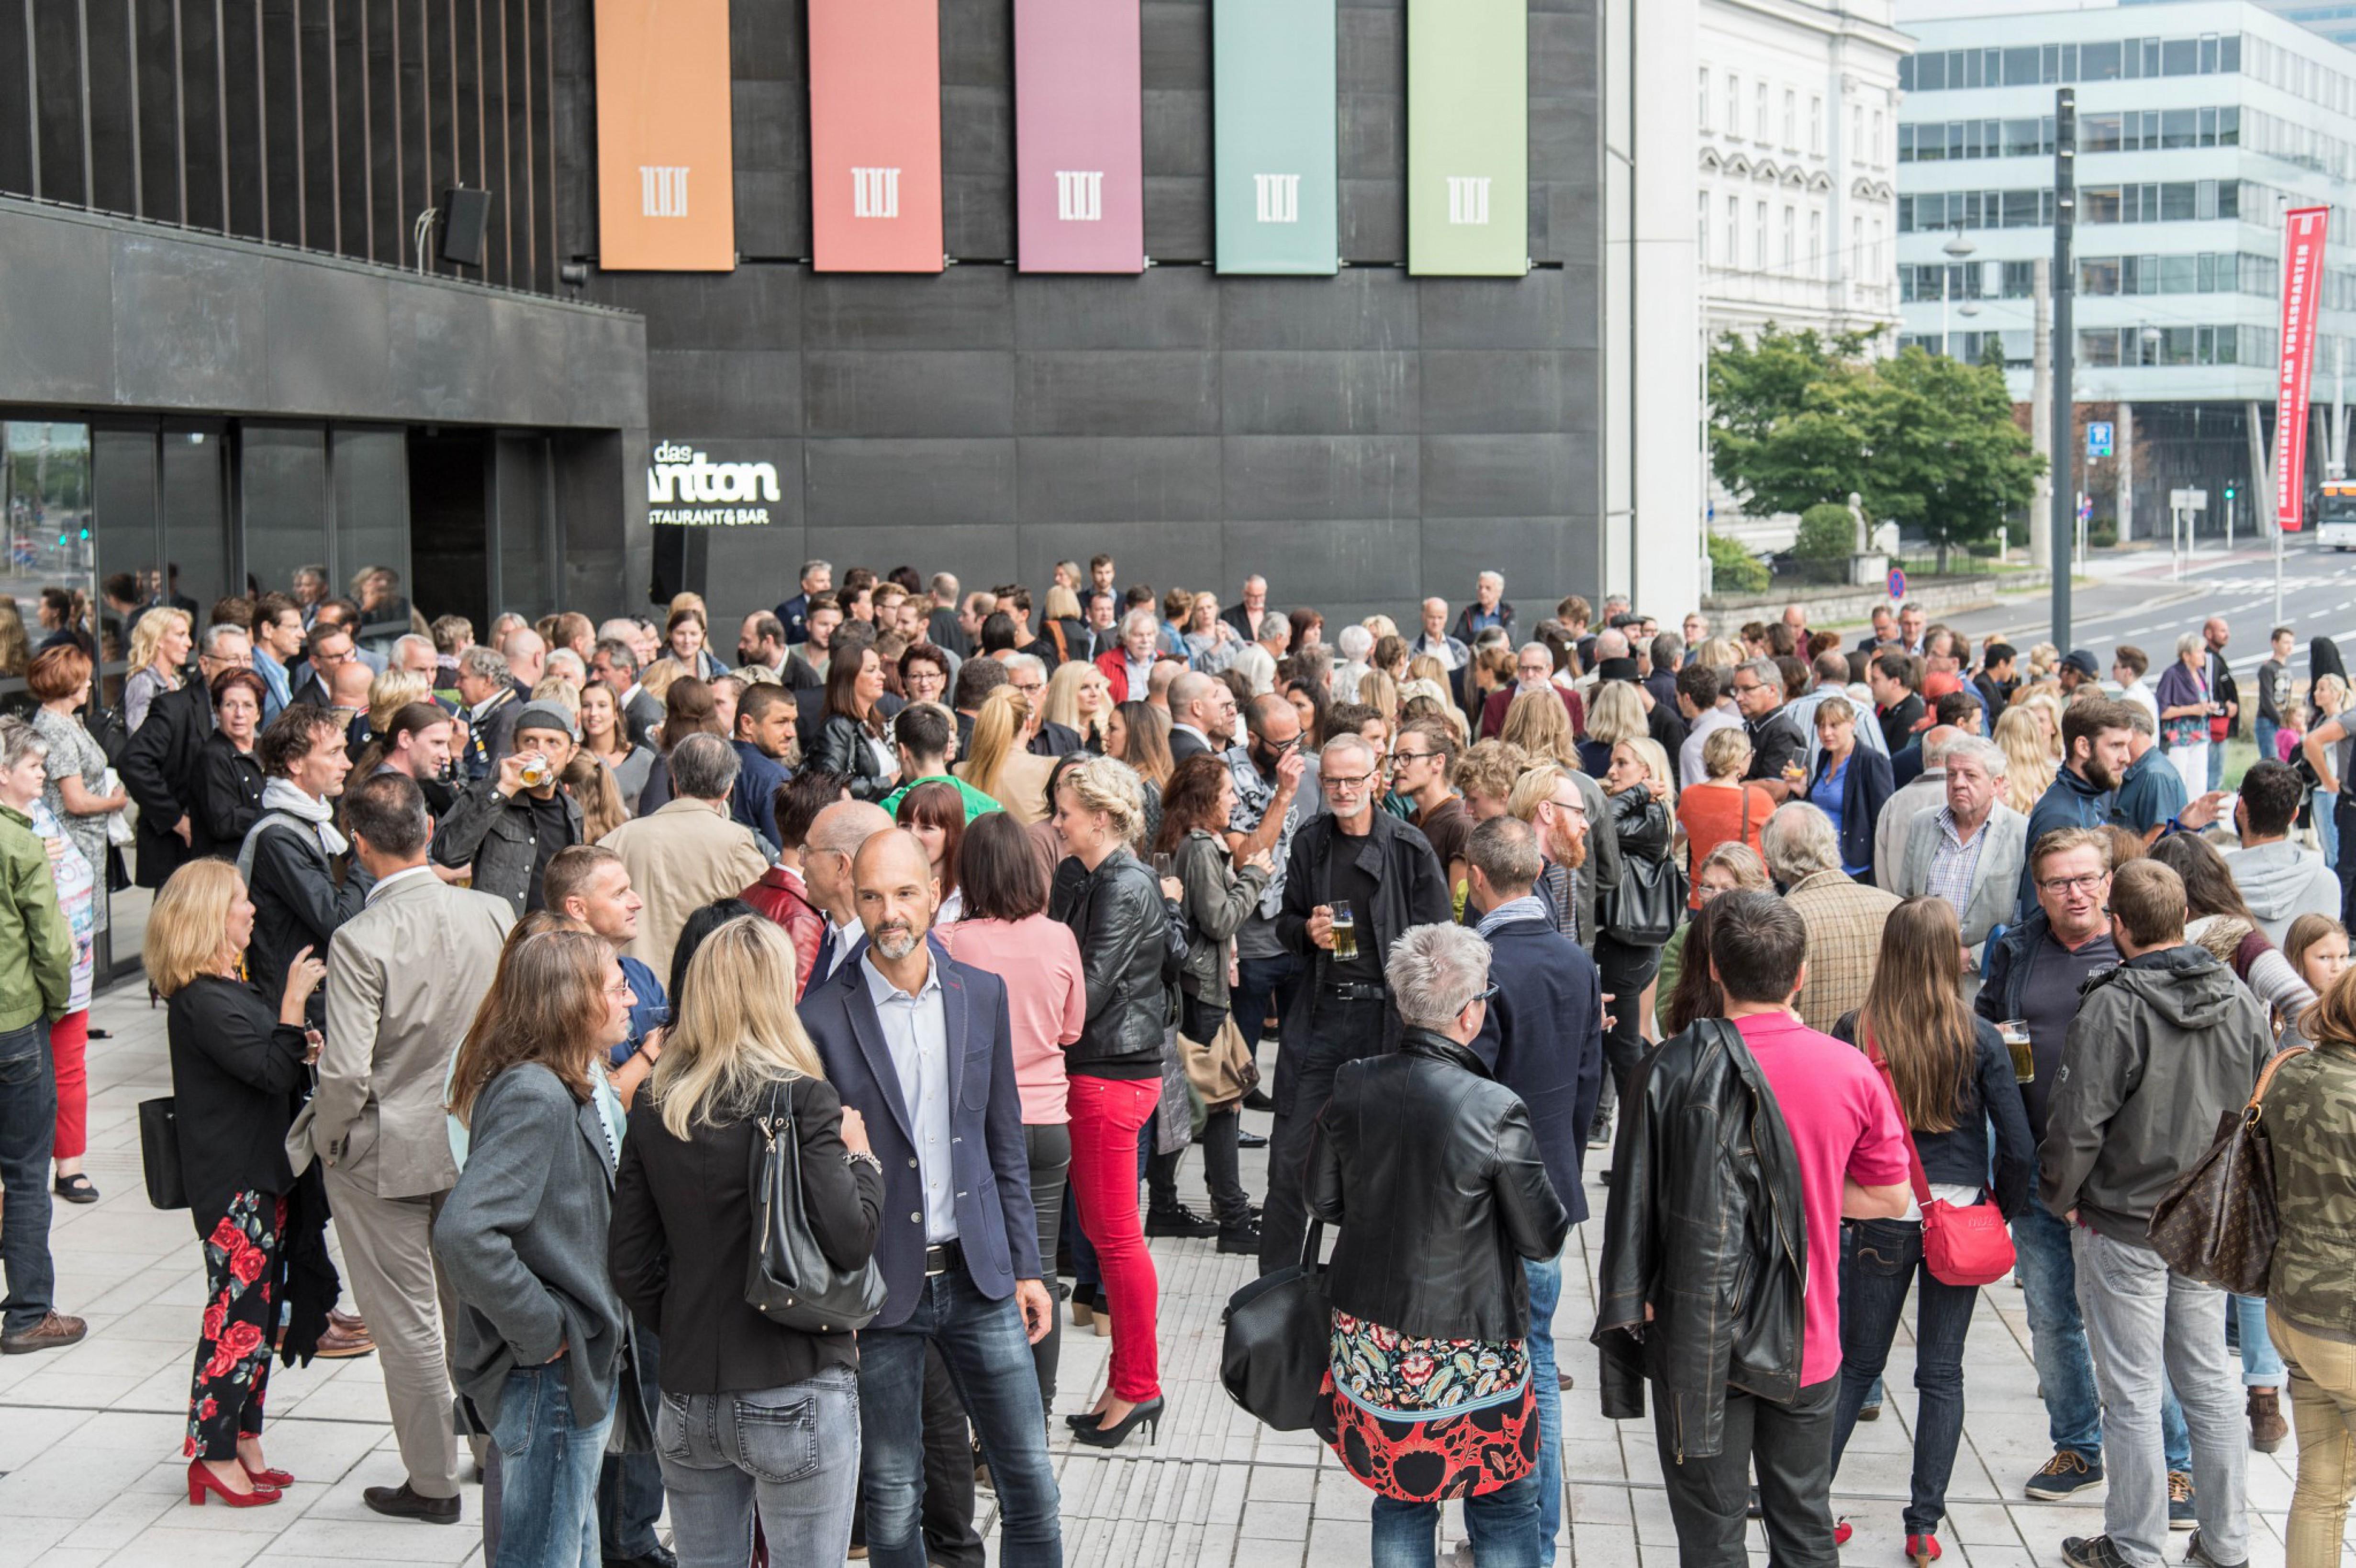 Mehr als 400 Gäste kamen am 20.8.2015 zur Eröffnungsvernissage der Ausstellung Menschenbilder OÖ in das Linzer Musiktheater. In einem sehr würdigen Rahmen wurde die gelungene Ausstellung feierlich eröffnet. Die Werke sind noch bis 20. September 2015 im Volksgarten – direkt vor dem Linzer Musiktheater – zu sehen. Ausstellungskatalog als PDF […]